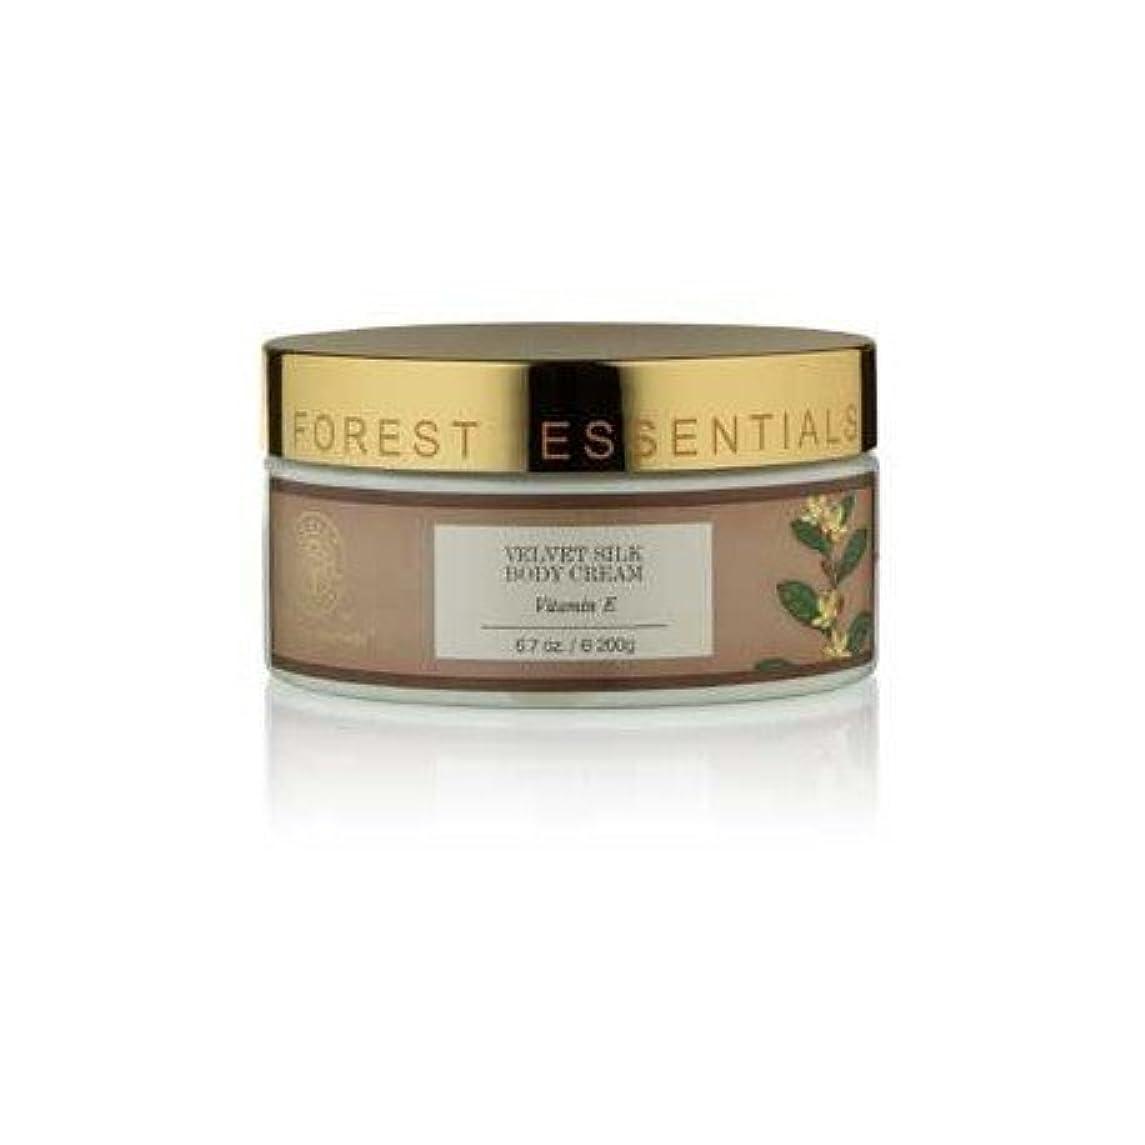 さわやか司教レンチForest Essentials Velvet Silk Body Cream Vitamin E - 200g